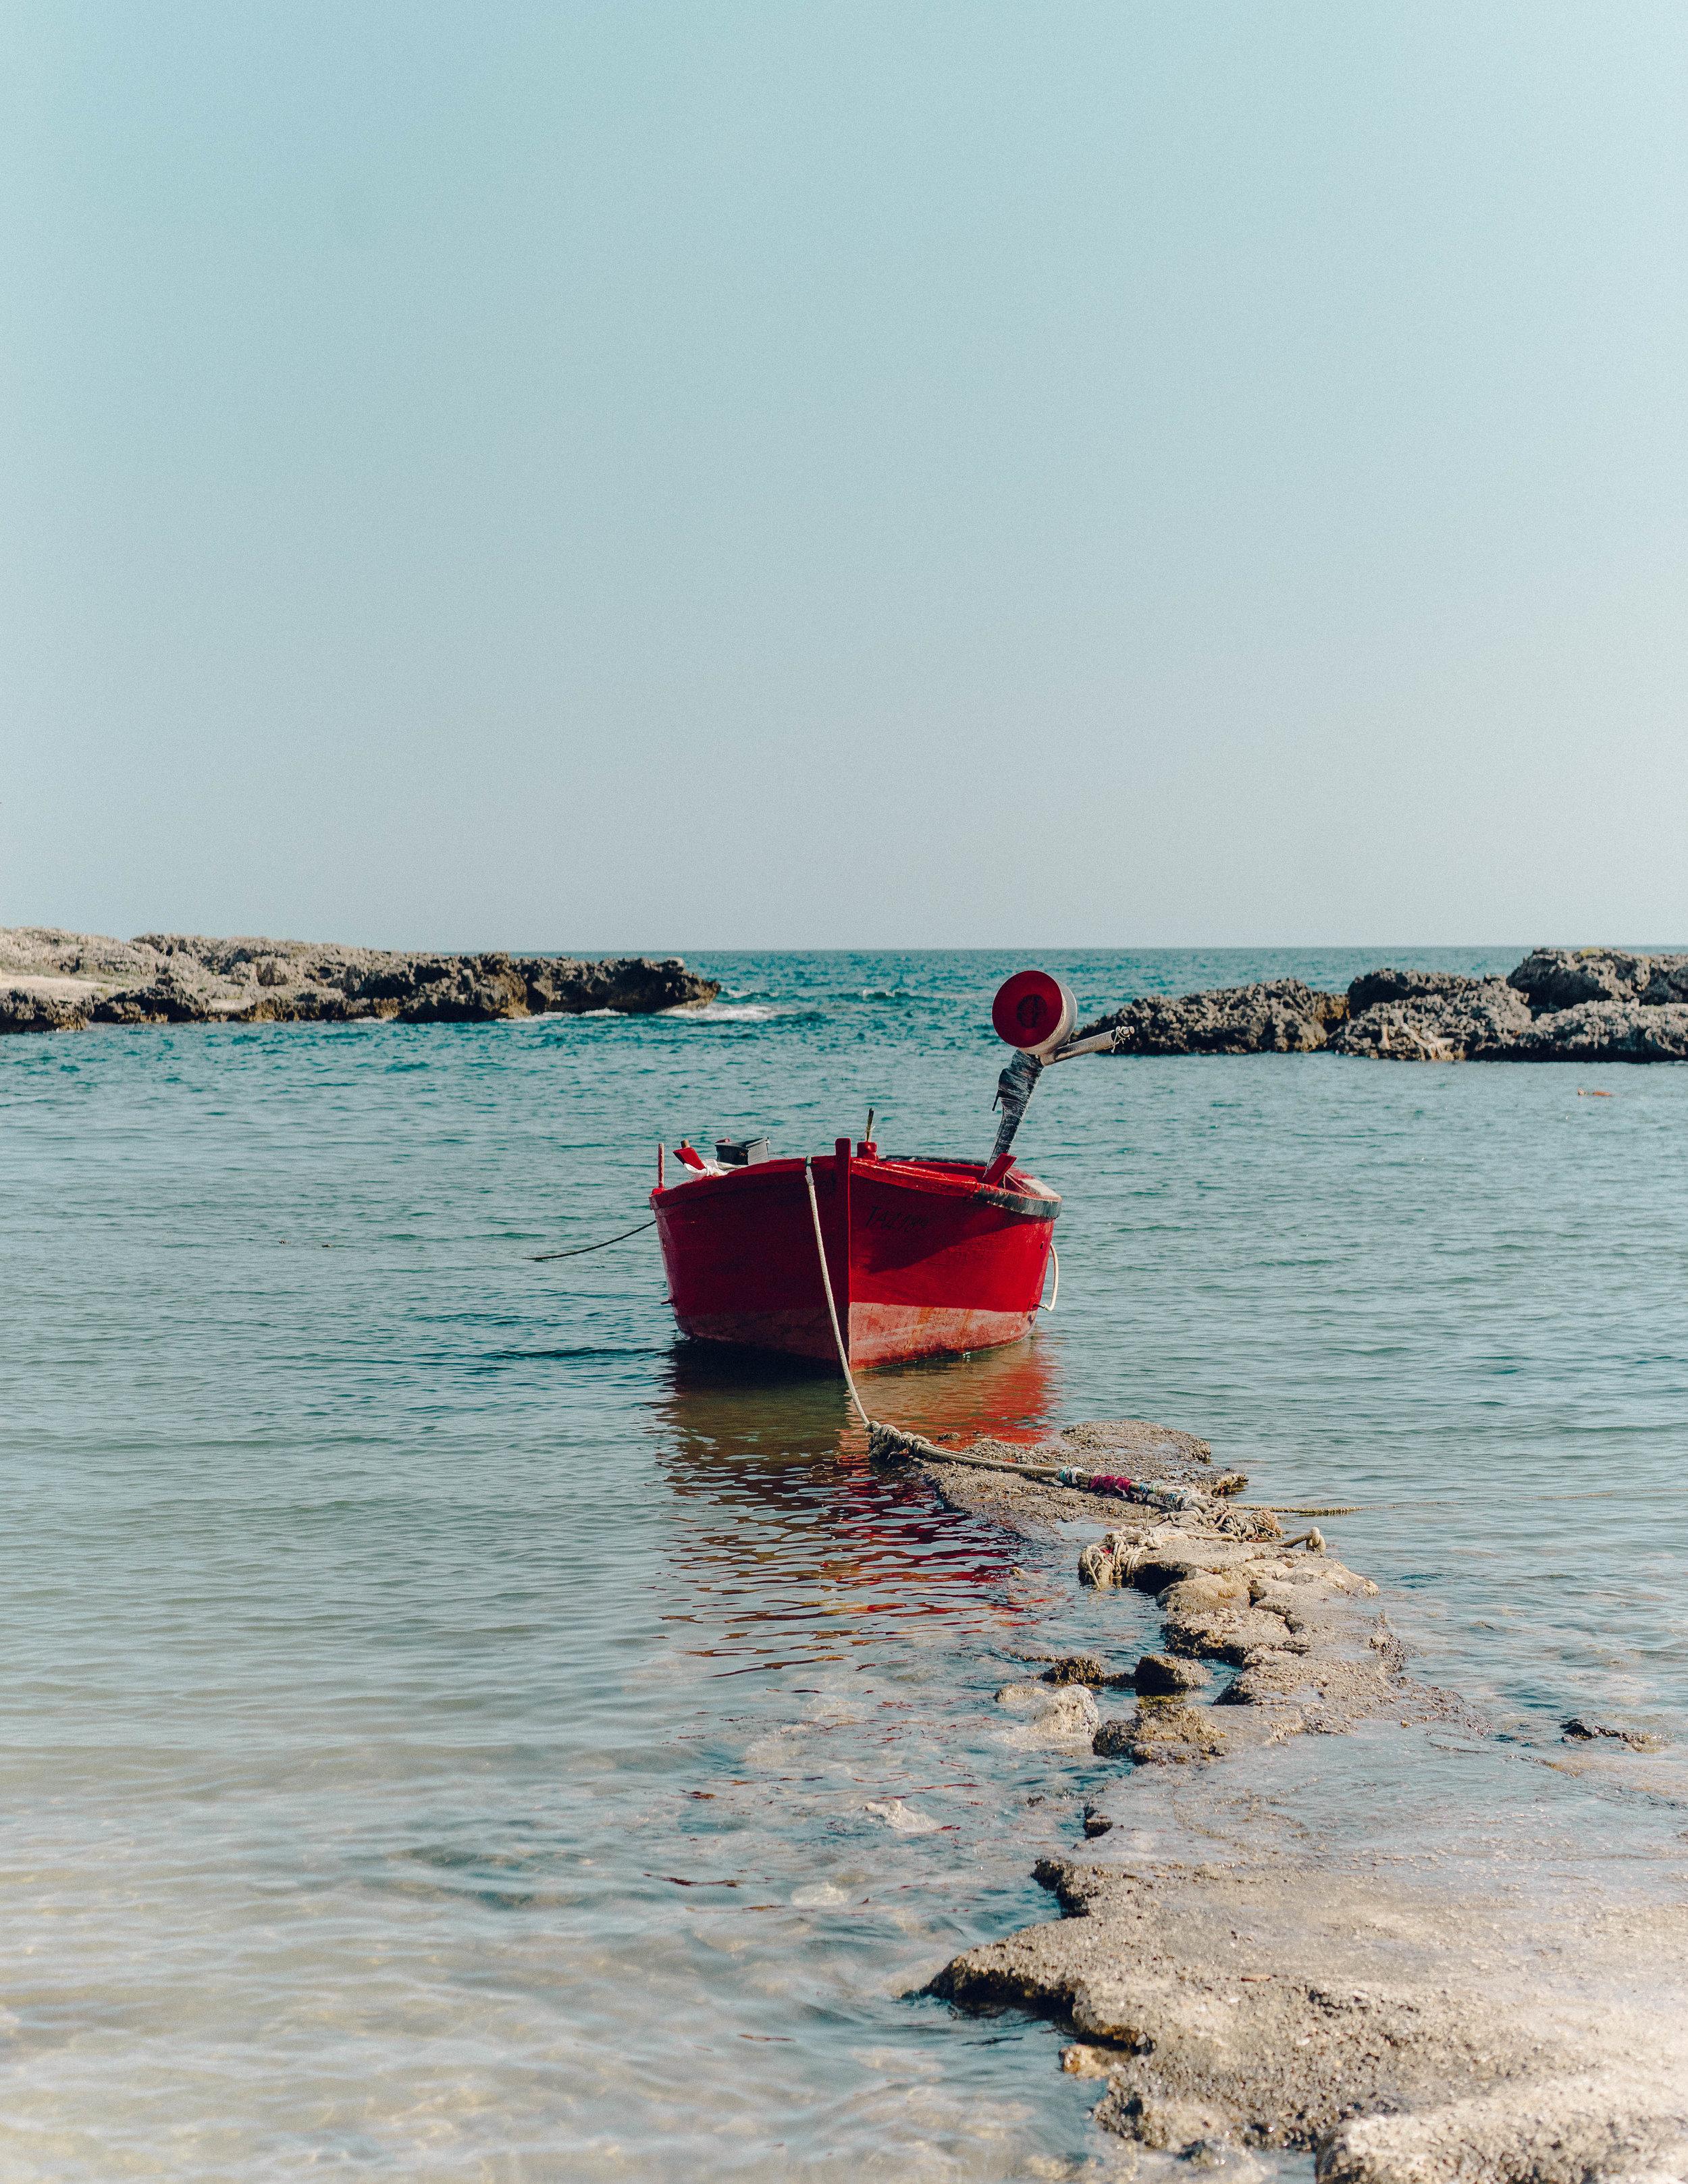 ASROSENVINGE_Roadtrip_Italy_Puglia_Beach-07106.jpg